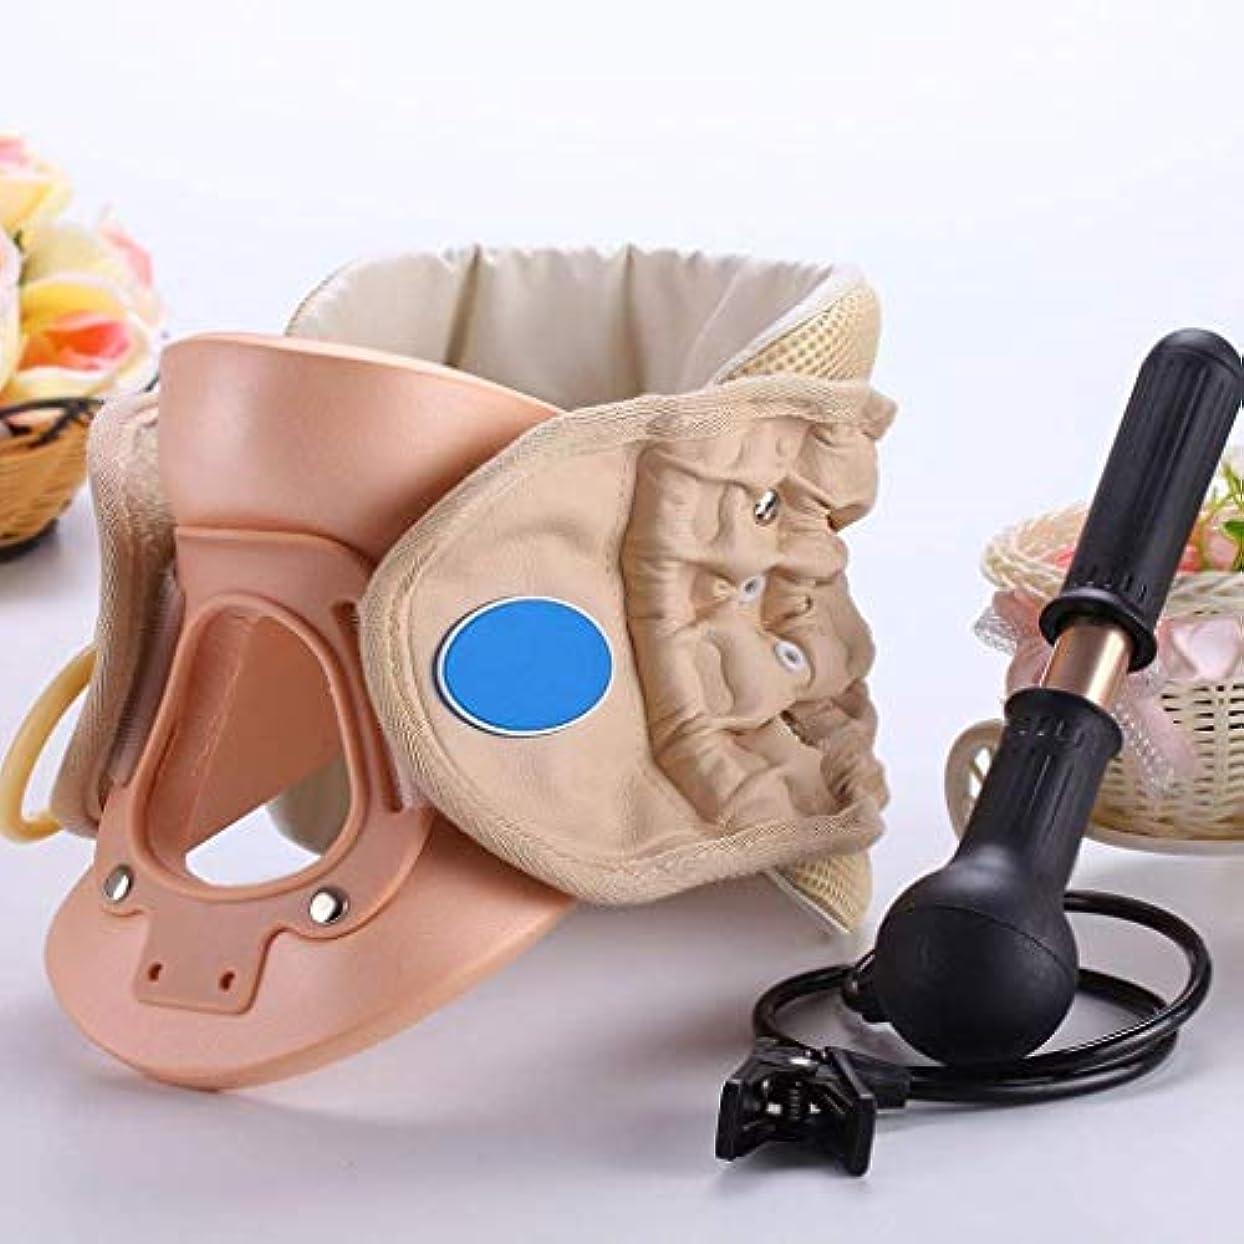 極めて重要なくるみ極めて重要な首の痛みや頸椎症の人に適したインフレータブル頸椎トラクター、首牽引装置、家の保護頸椎矯正器具